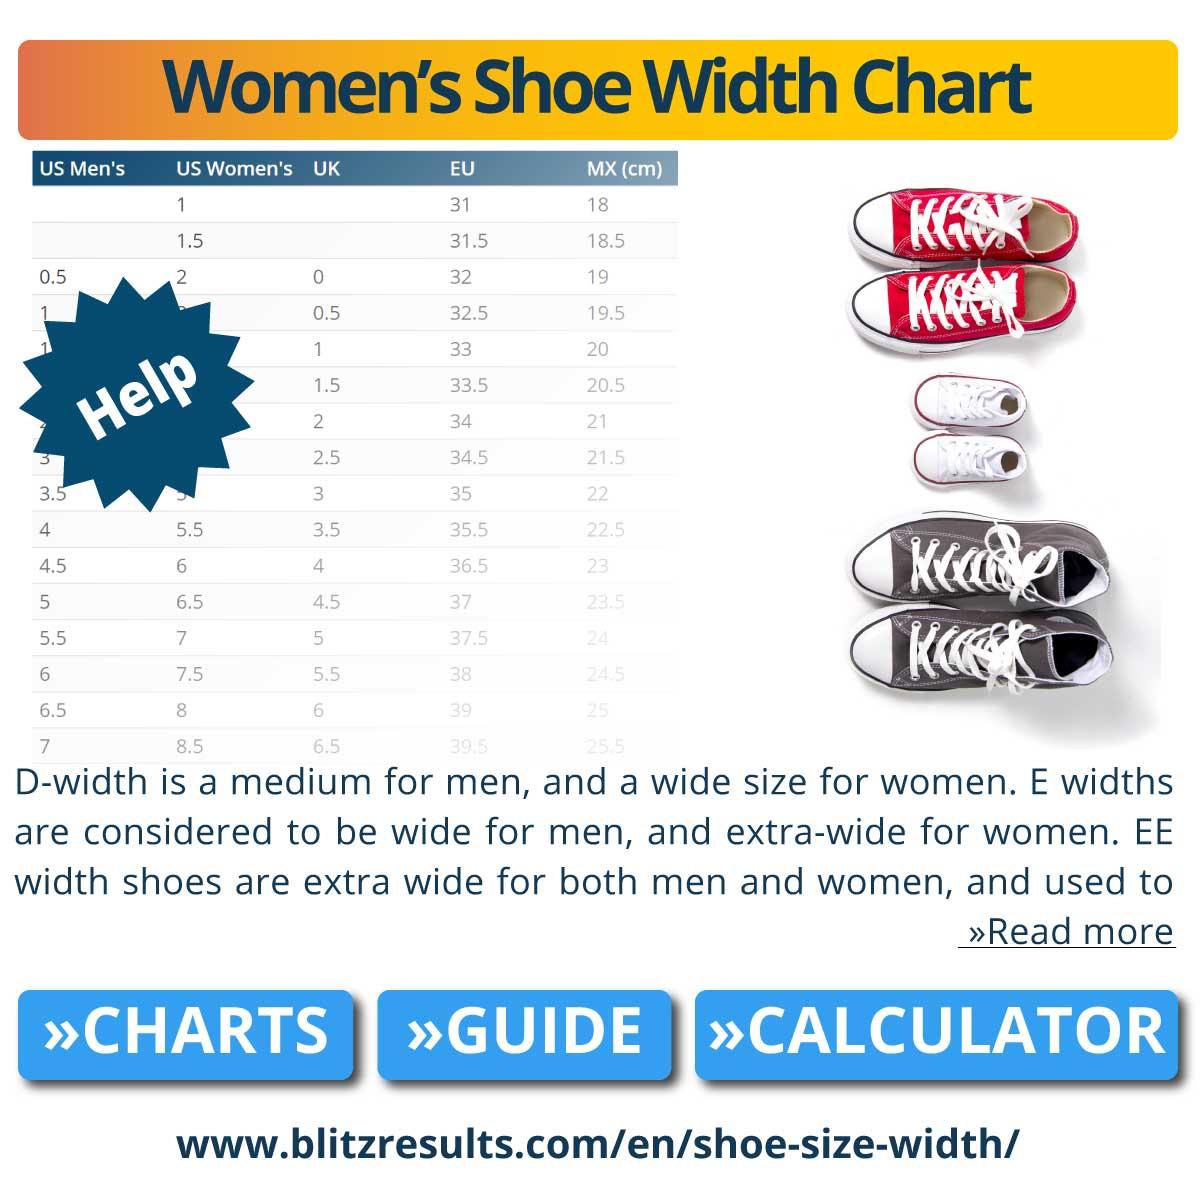 Women's Shoe Width Chart